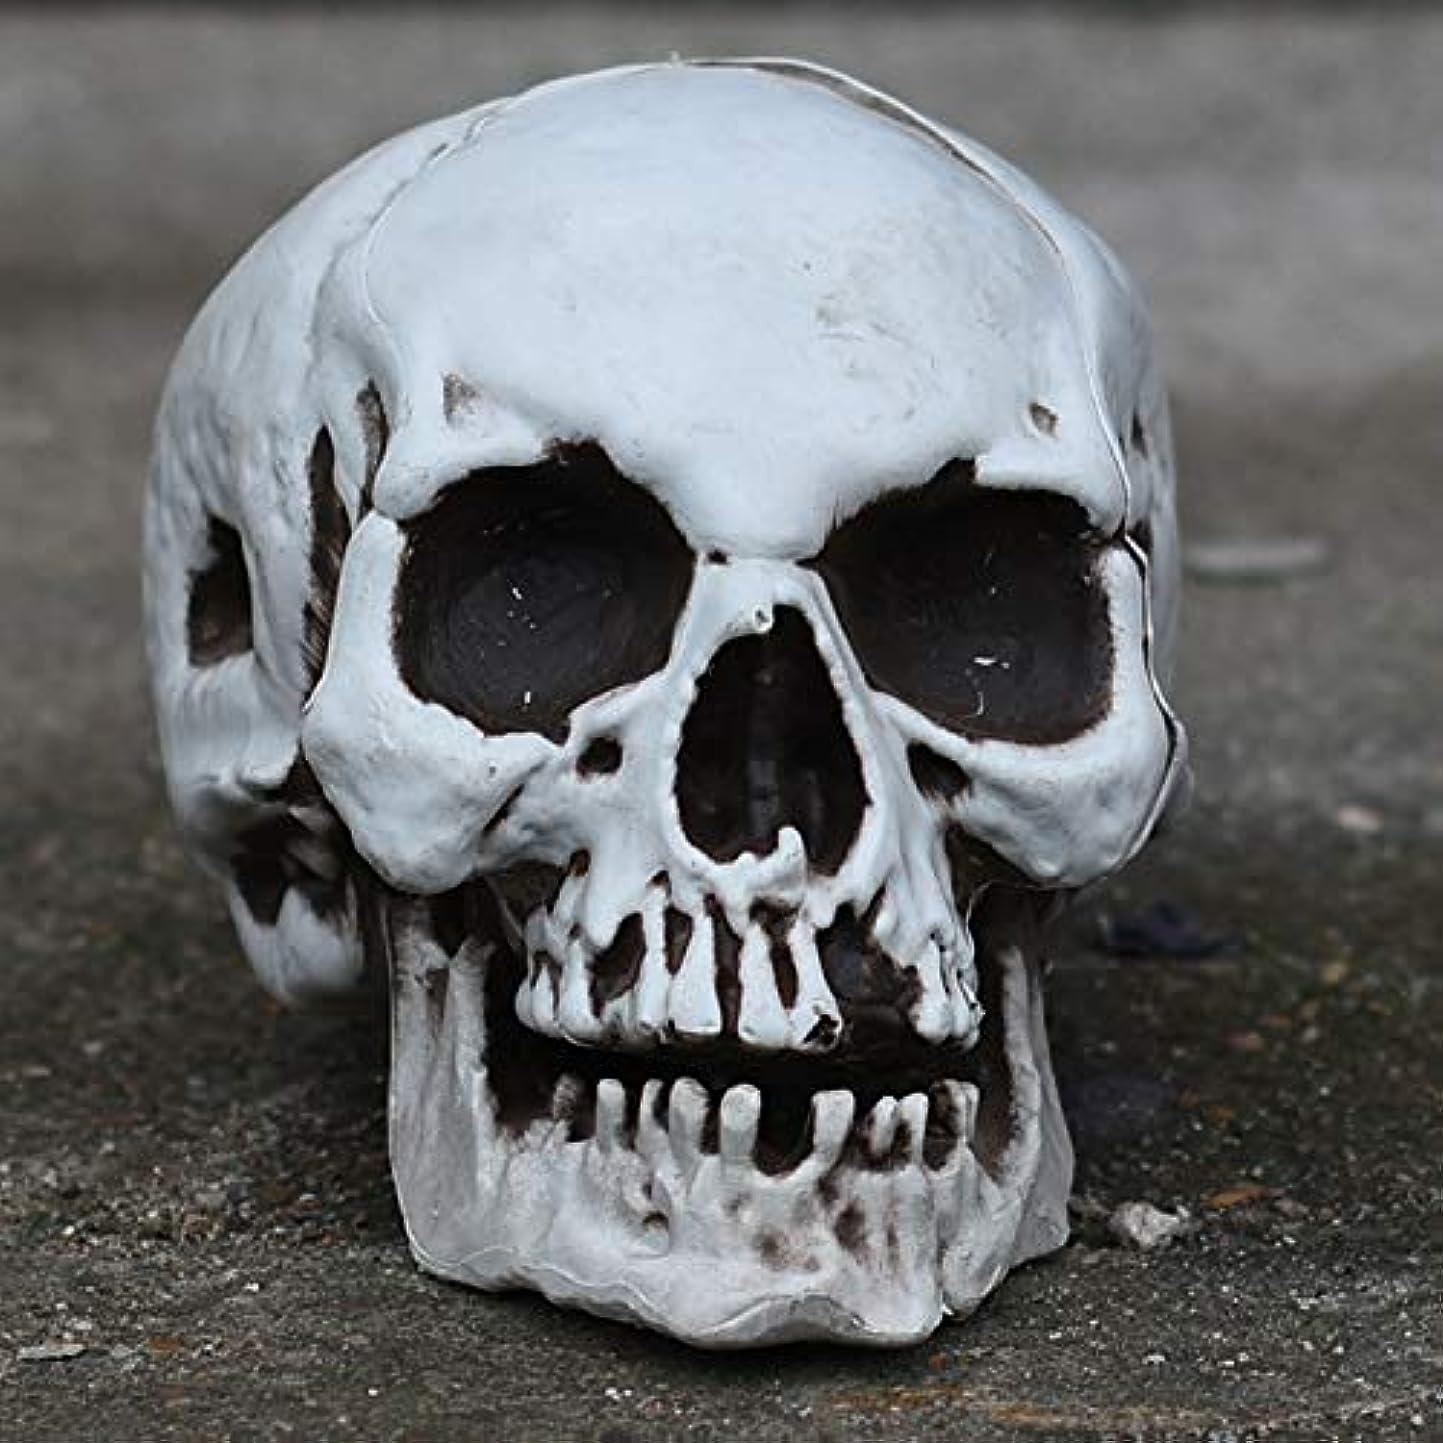 増加する構想するスカイETRRUU HOME 腐ったゴーストハロウィンバーお化け屋敷シークレットルームスカルヘッド装飾品シミュレーション人骨モデルコスプレ装飾